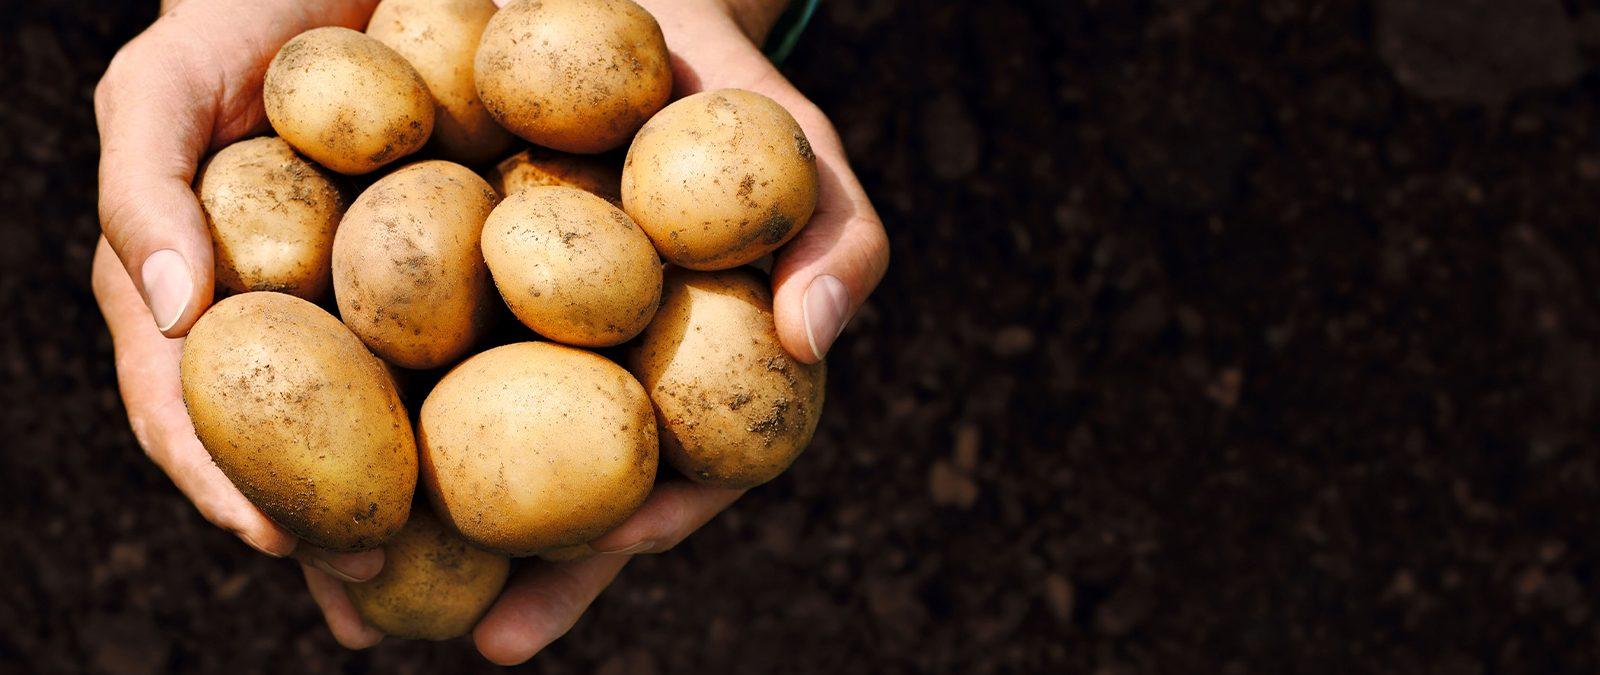 Zwei Hände halten Kartoffeln